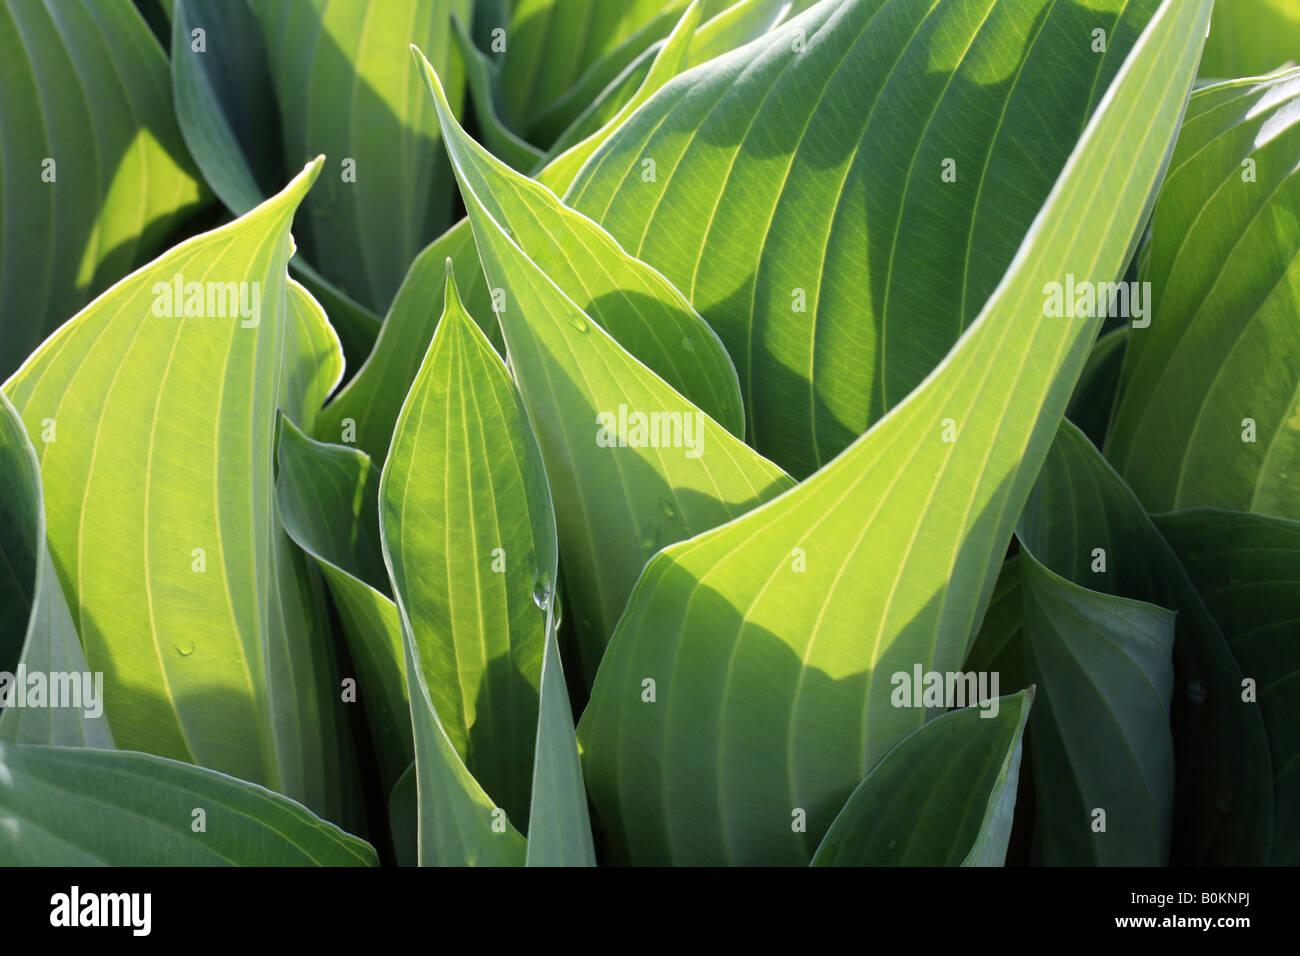 """Hosta verlässt """"Wegerich Lily"""" mit deutlichen Adern großaufnahme, grüne Blätter. Stockbild"""